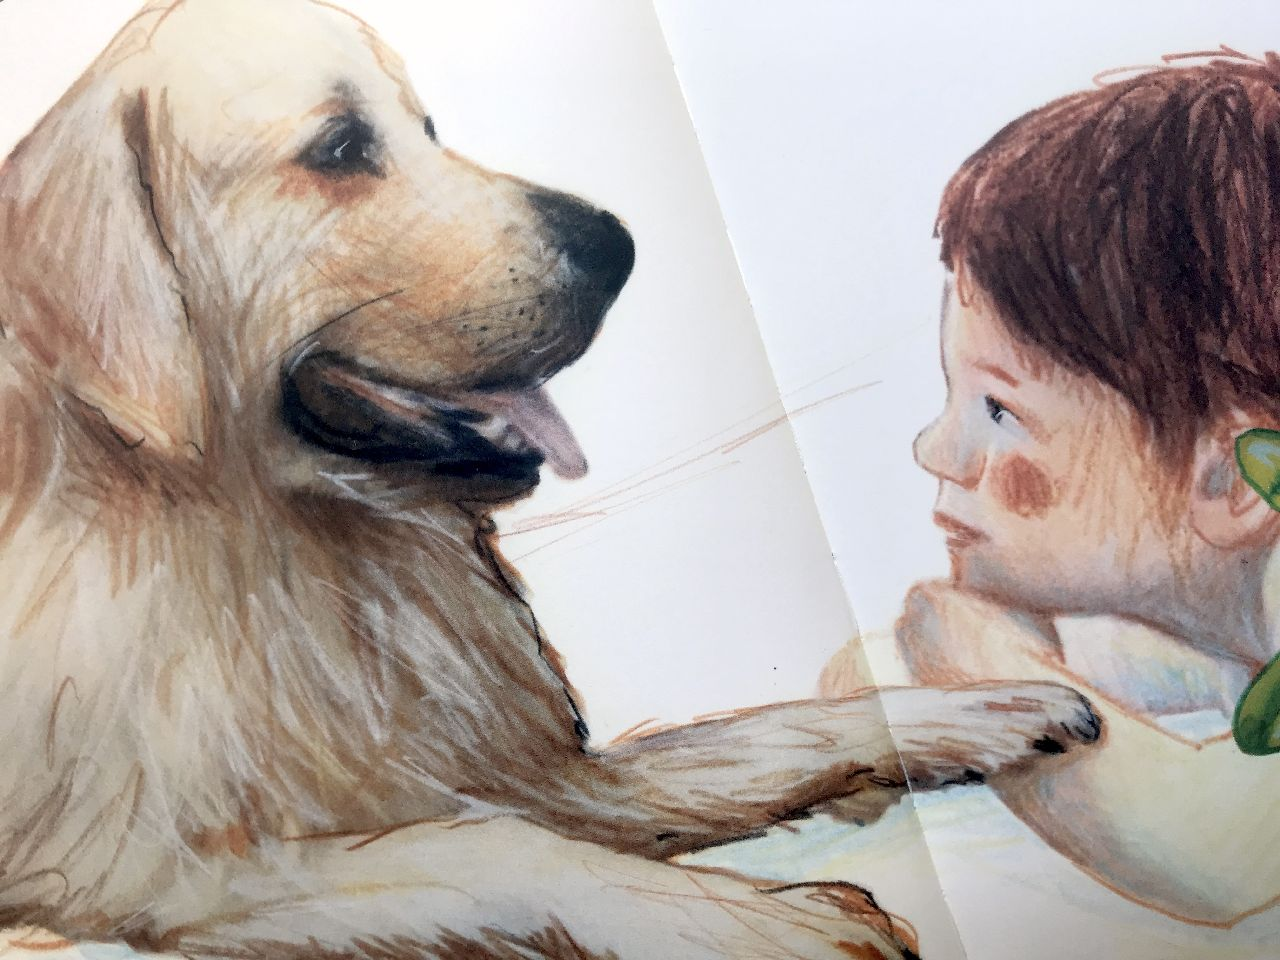 Letizia Iannaccone - Sonia Maria Luce Possentini, Il mio cane è come me, Terredimezzo